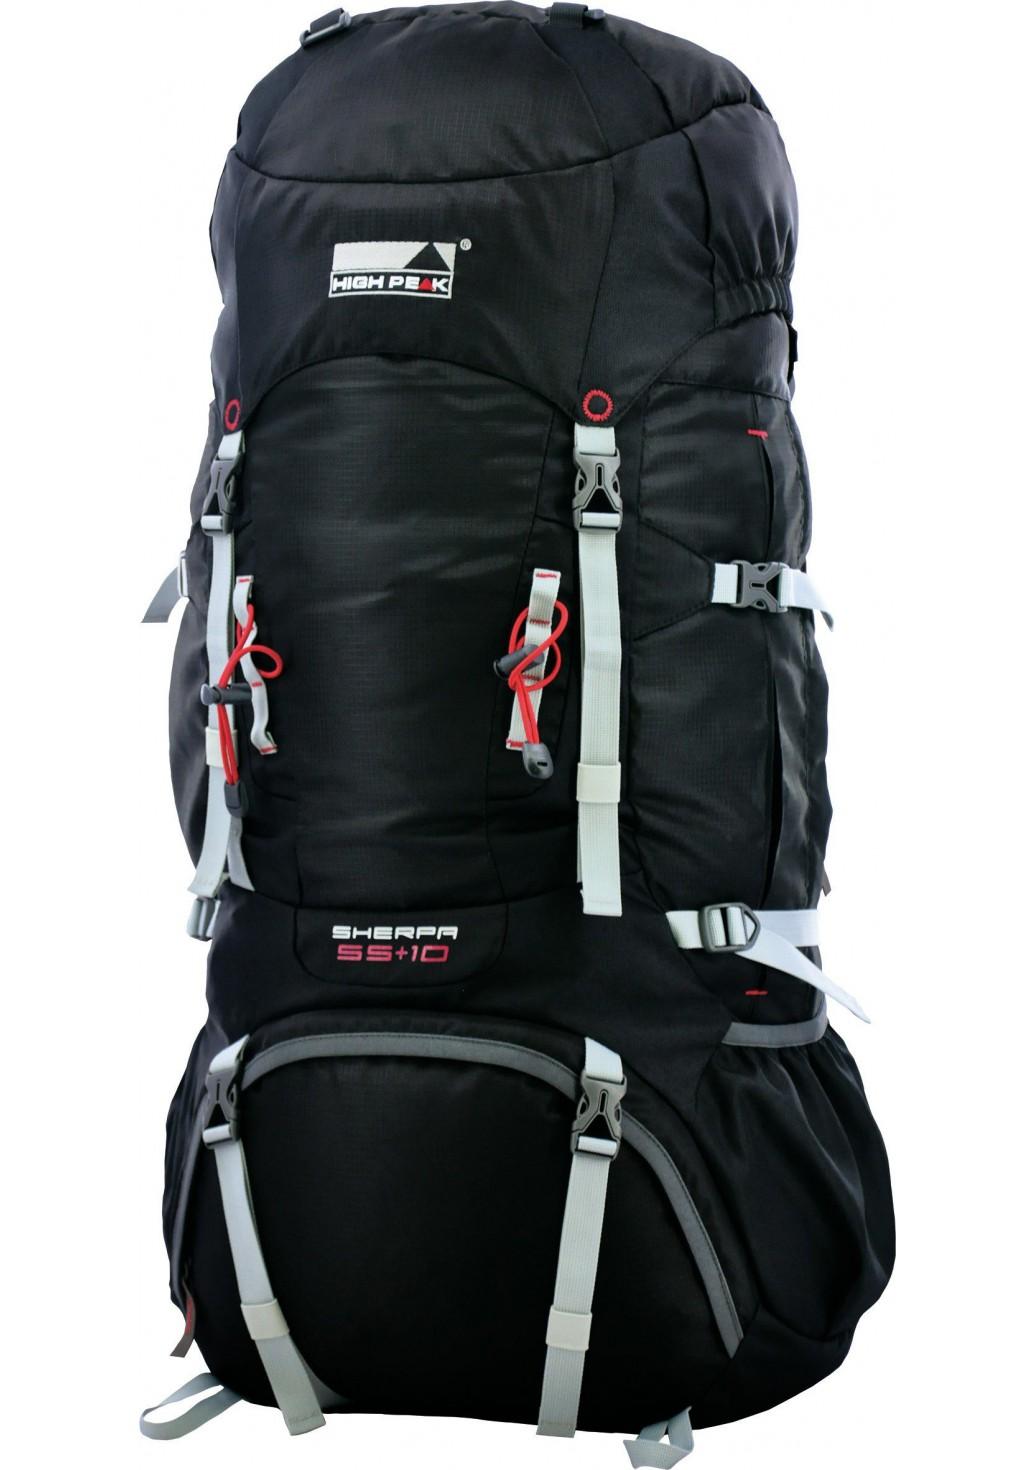 Рюкзак Sherpa 65+10 черный, 65+10л, 2040 гр, 31106, Трекинговые рюкзаки - арт. 824870269